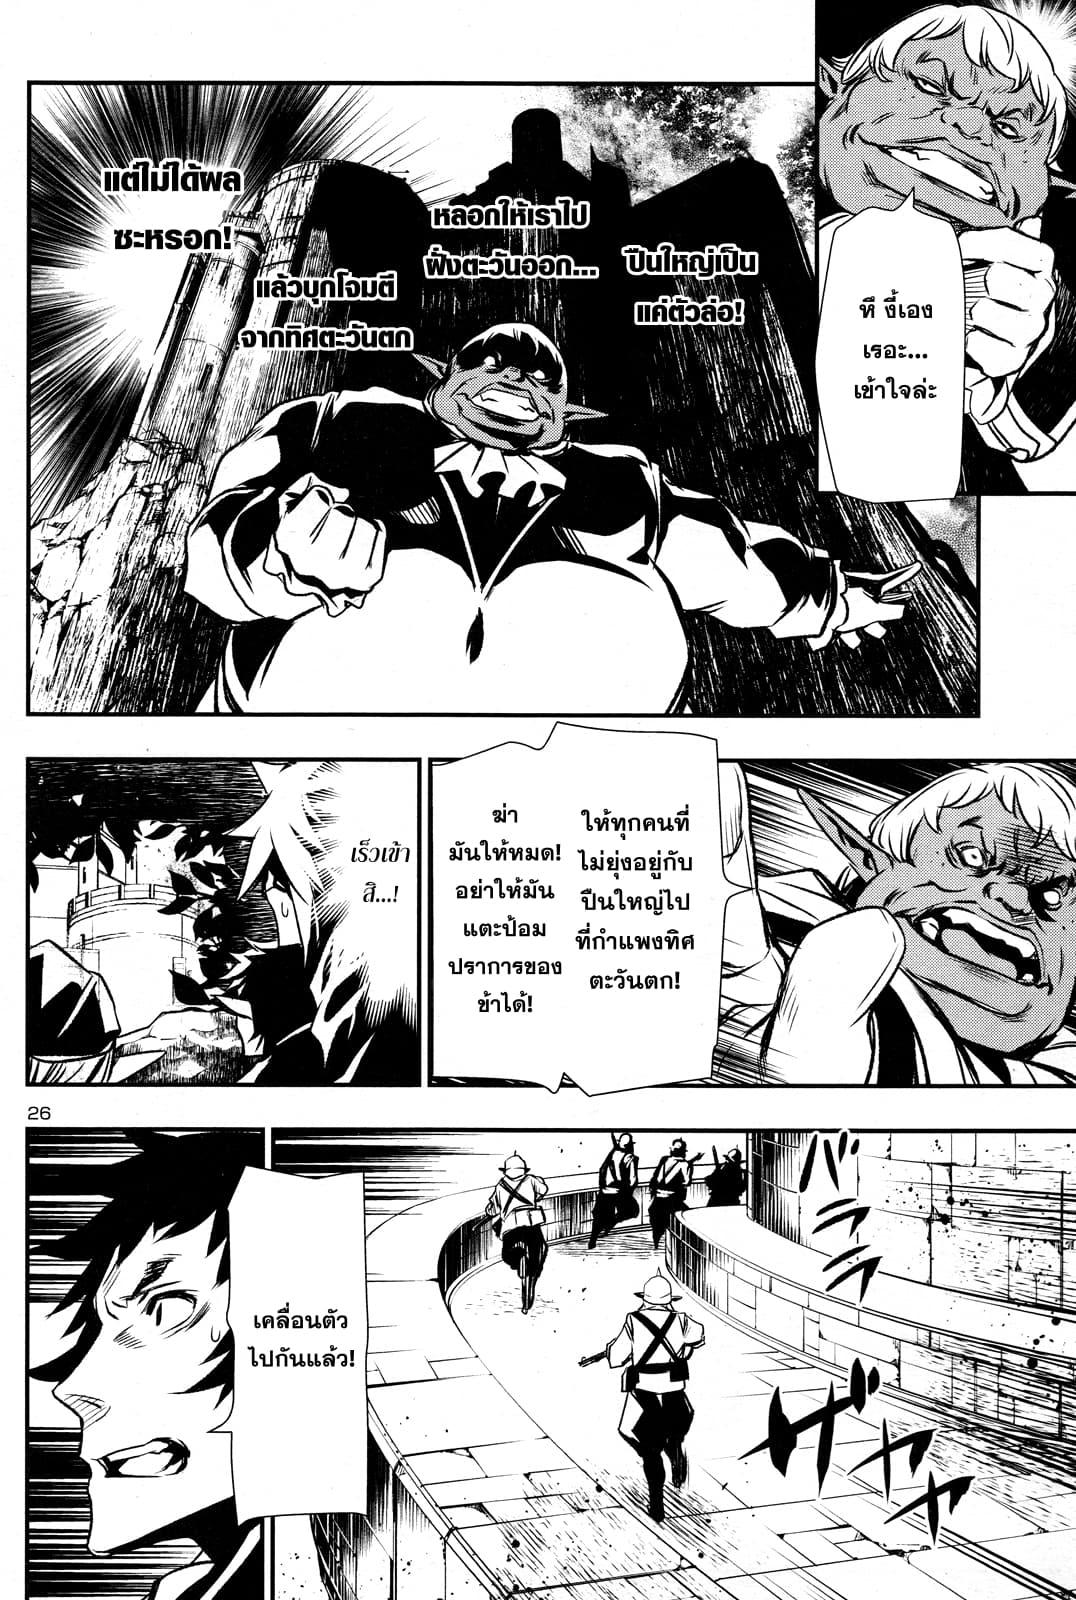 อ่านการ์ตูน Shinju no Nectar ตอนที่ 6 หน้าที่ 26